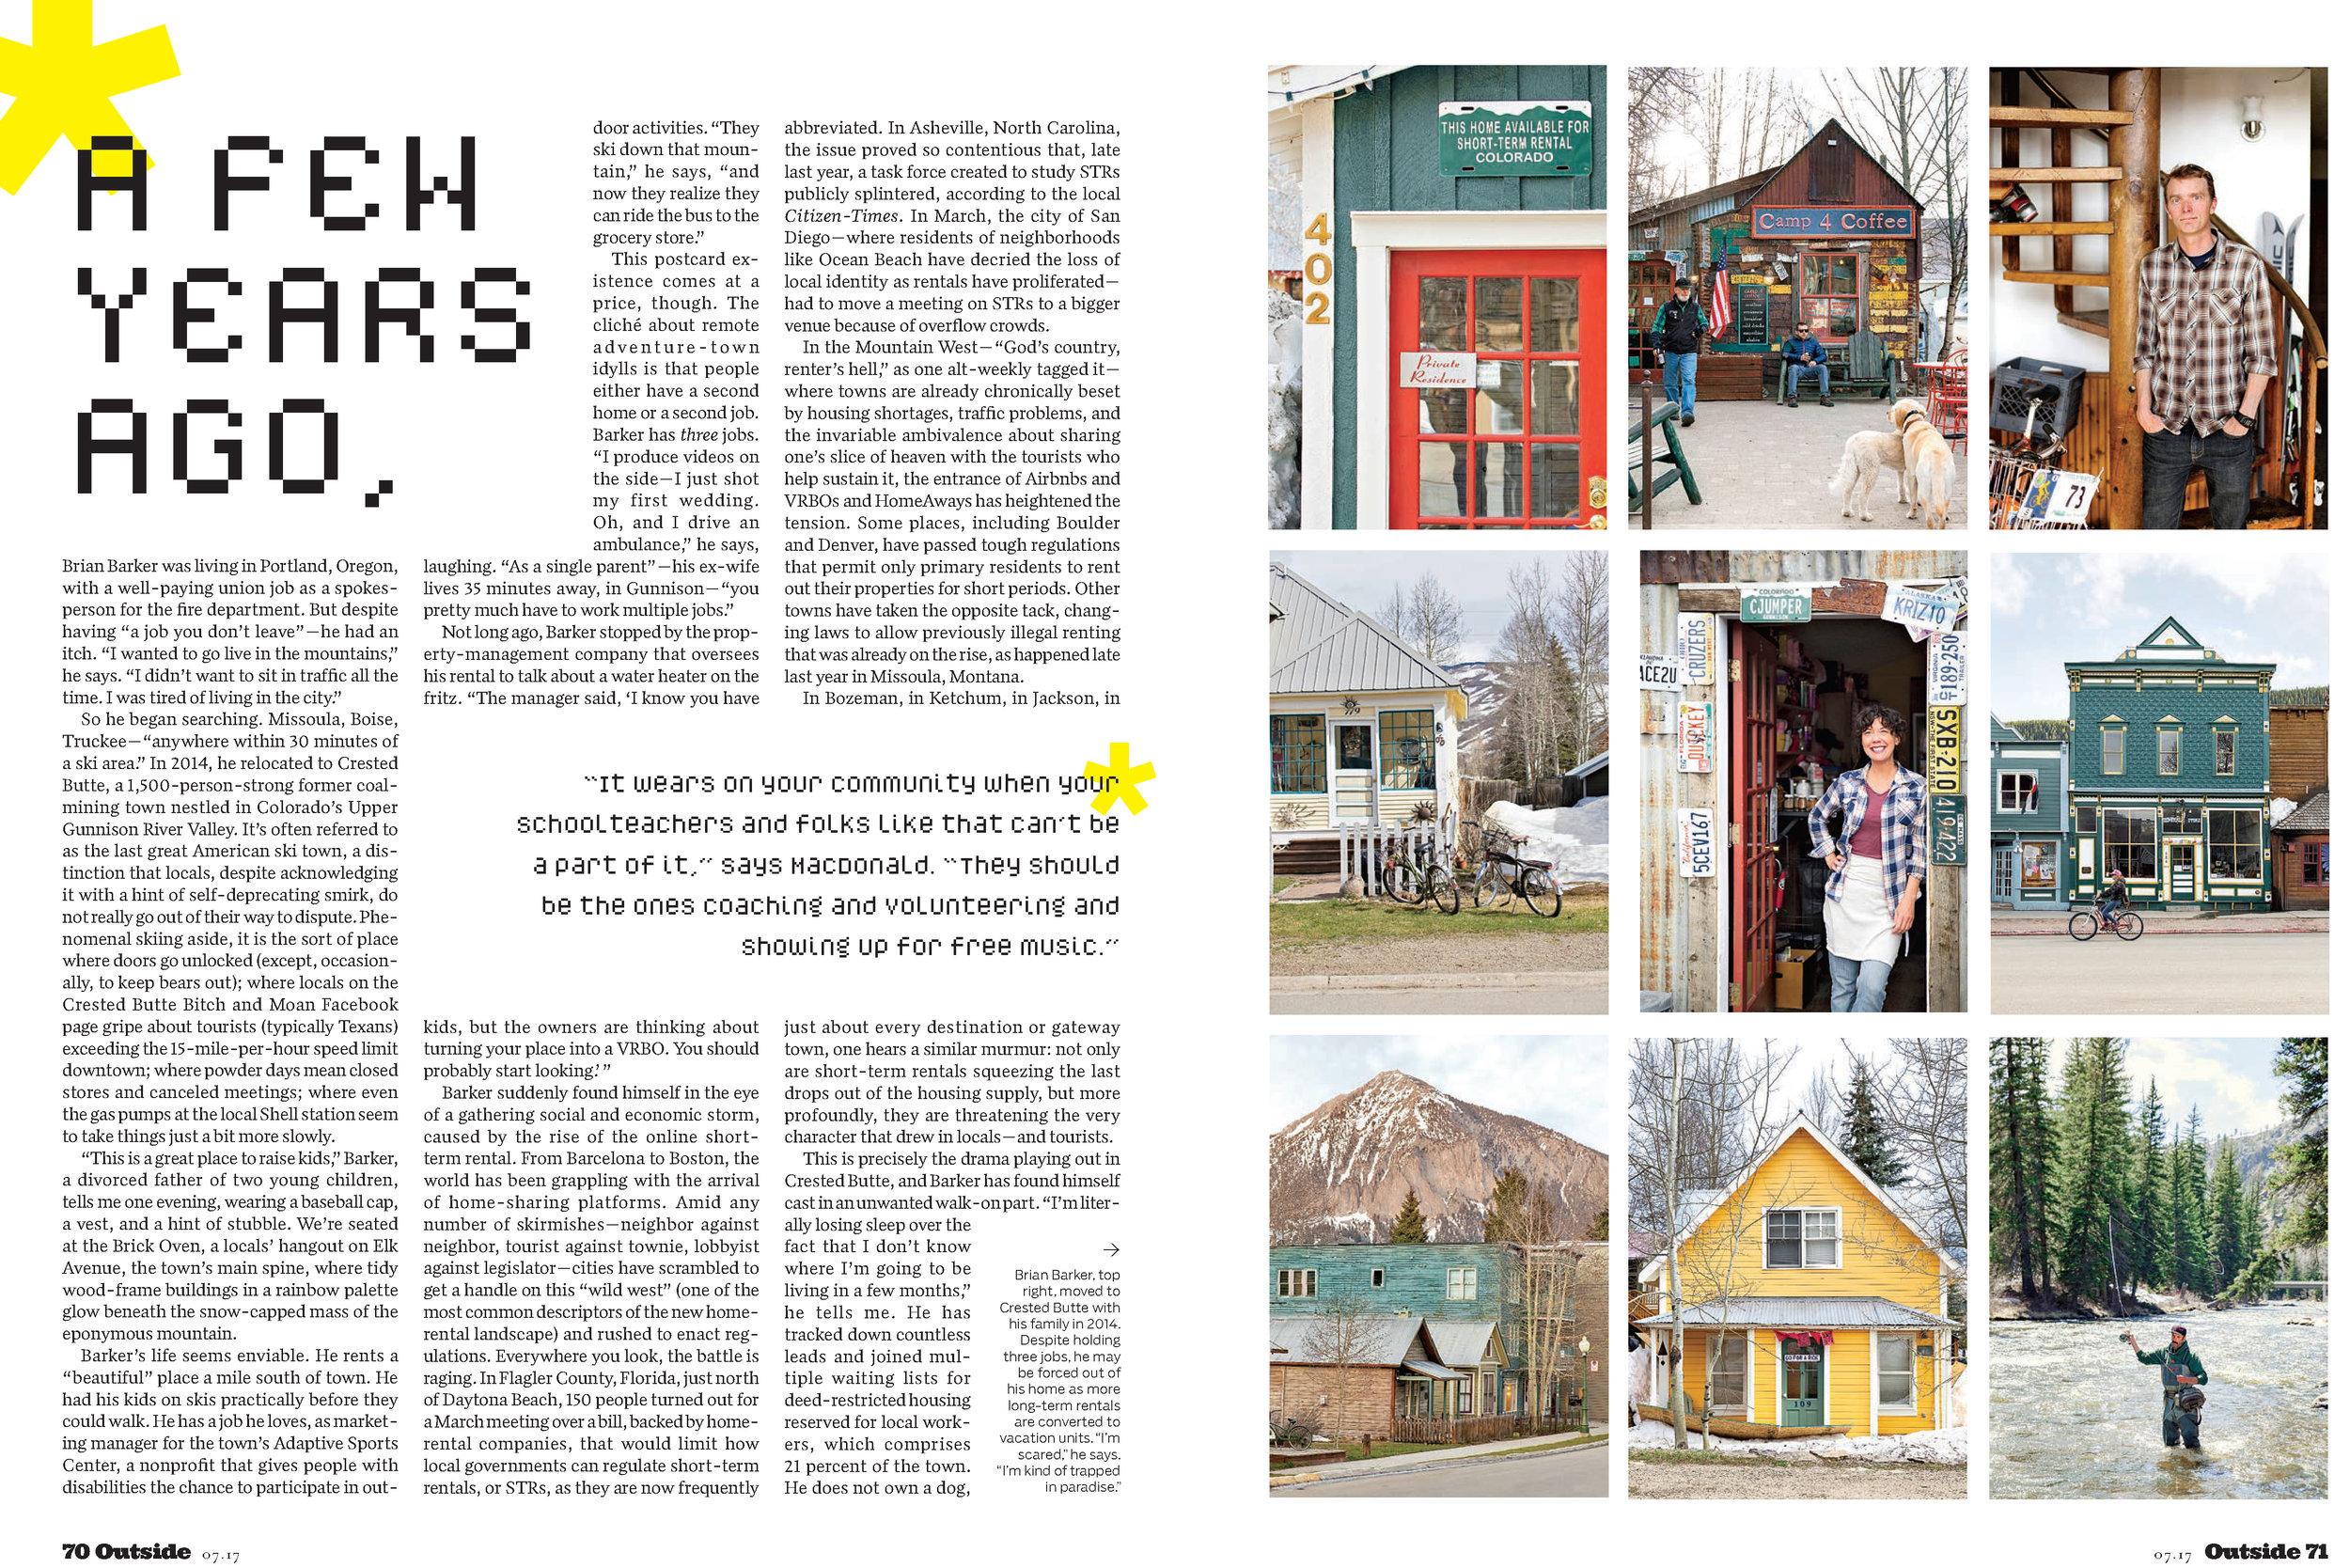 Rstumpf_OutsideMagazine1.jpg